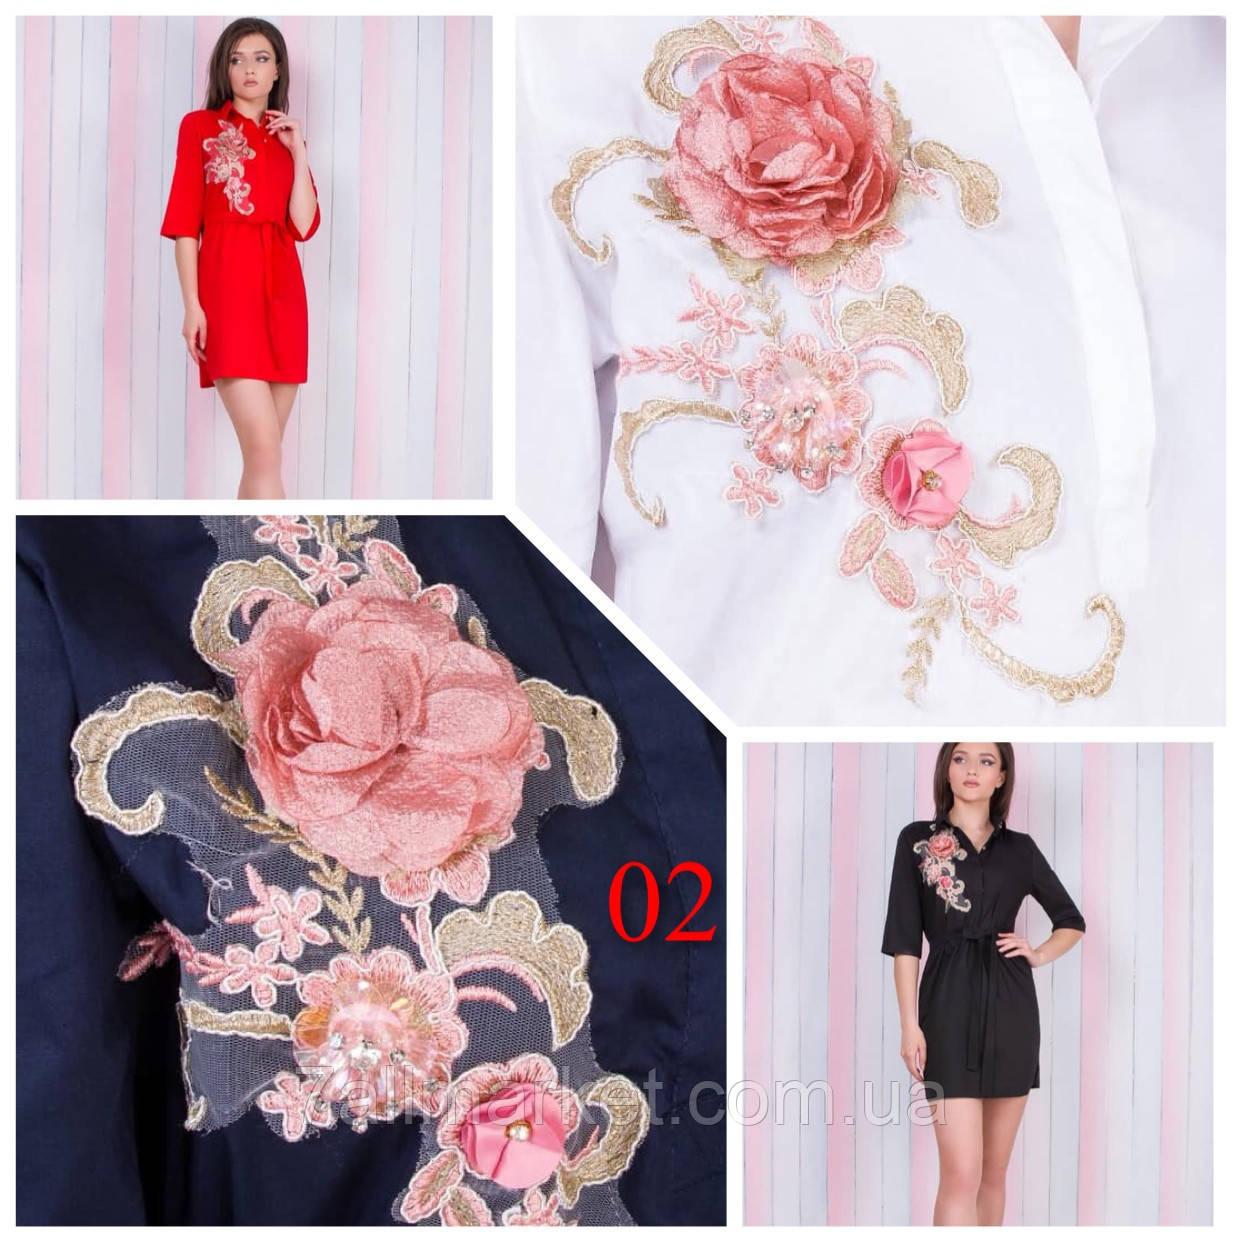 """Сукня-сорочка жіноча ошатне з 3D аплікацією, розмір 42-48 (4кол) """"SPRING"""" недорого від прямого постачальника"""